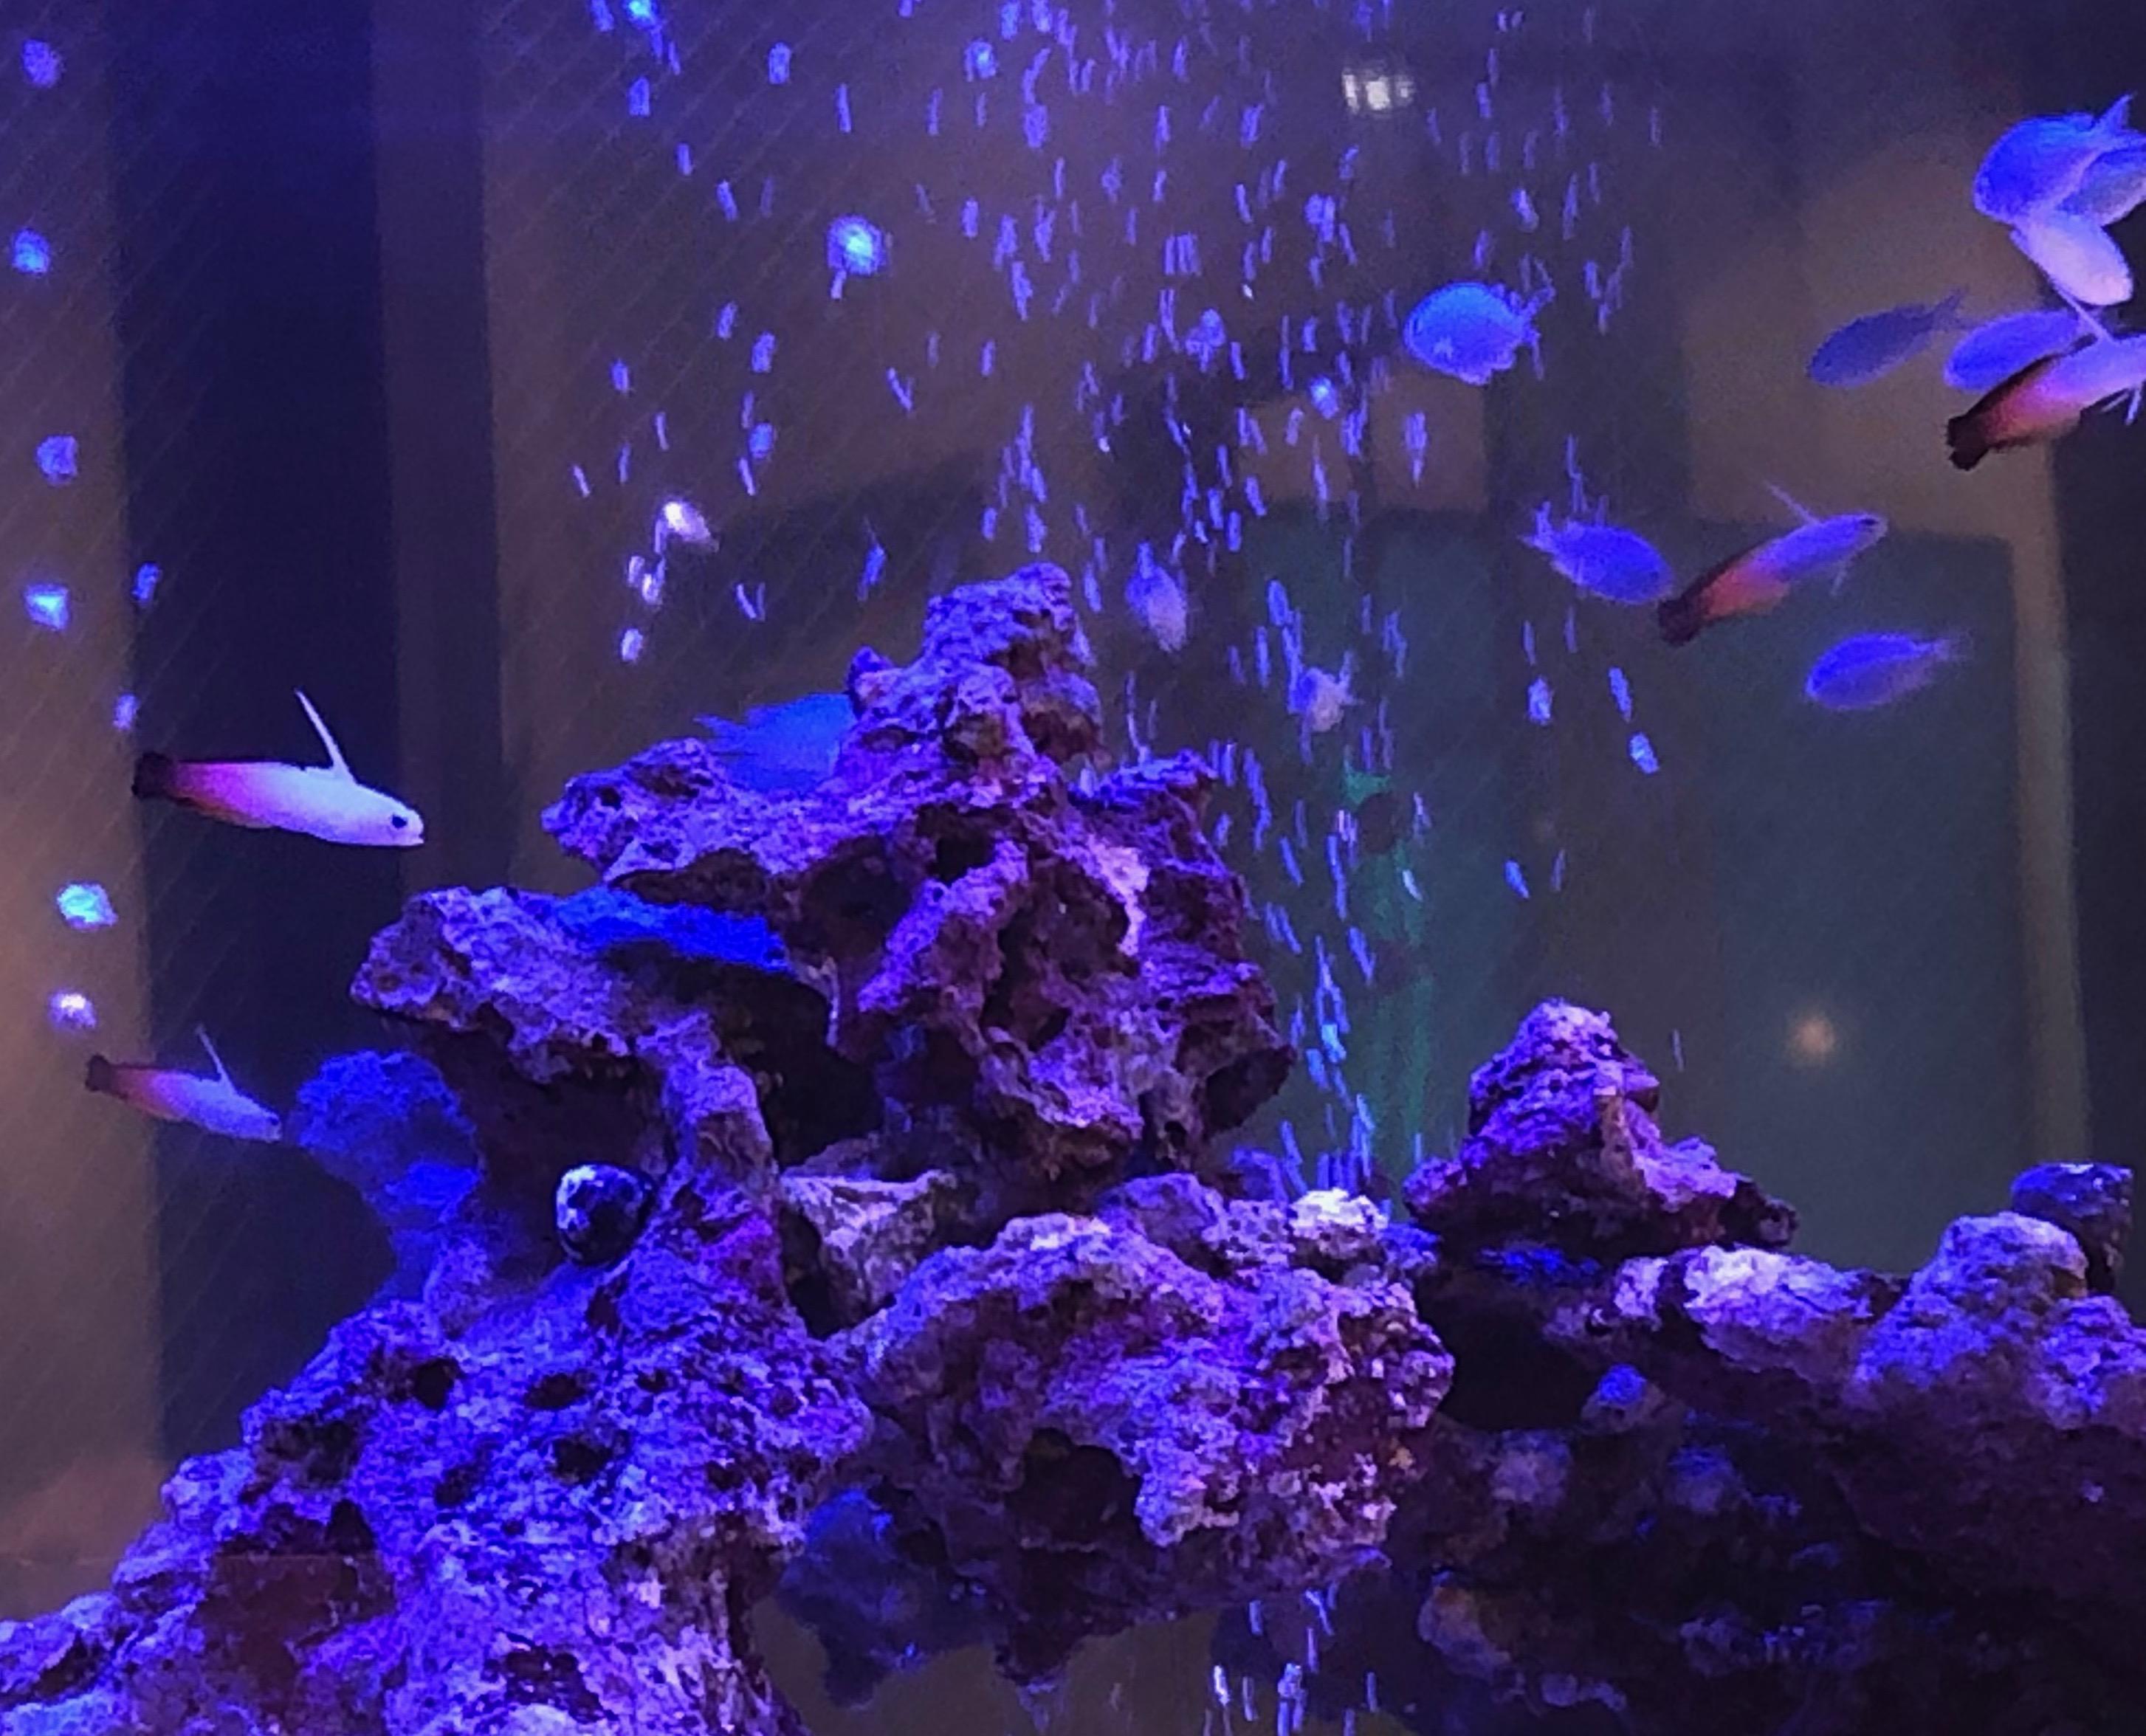 目白マリア歯科のアクアリウムでたくさんの美しい熱帯魚が泳ぐ画像